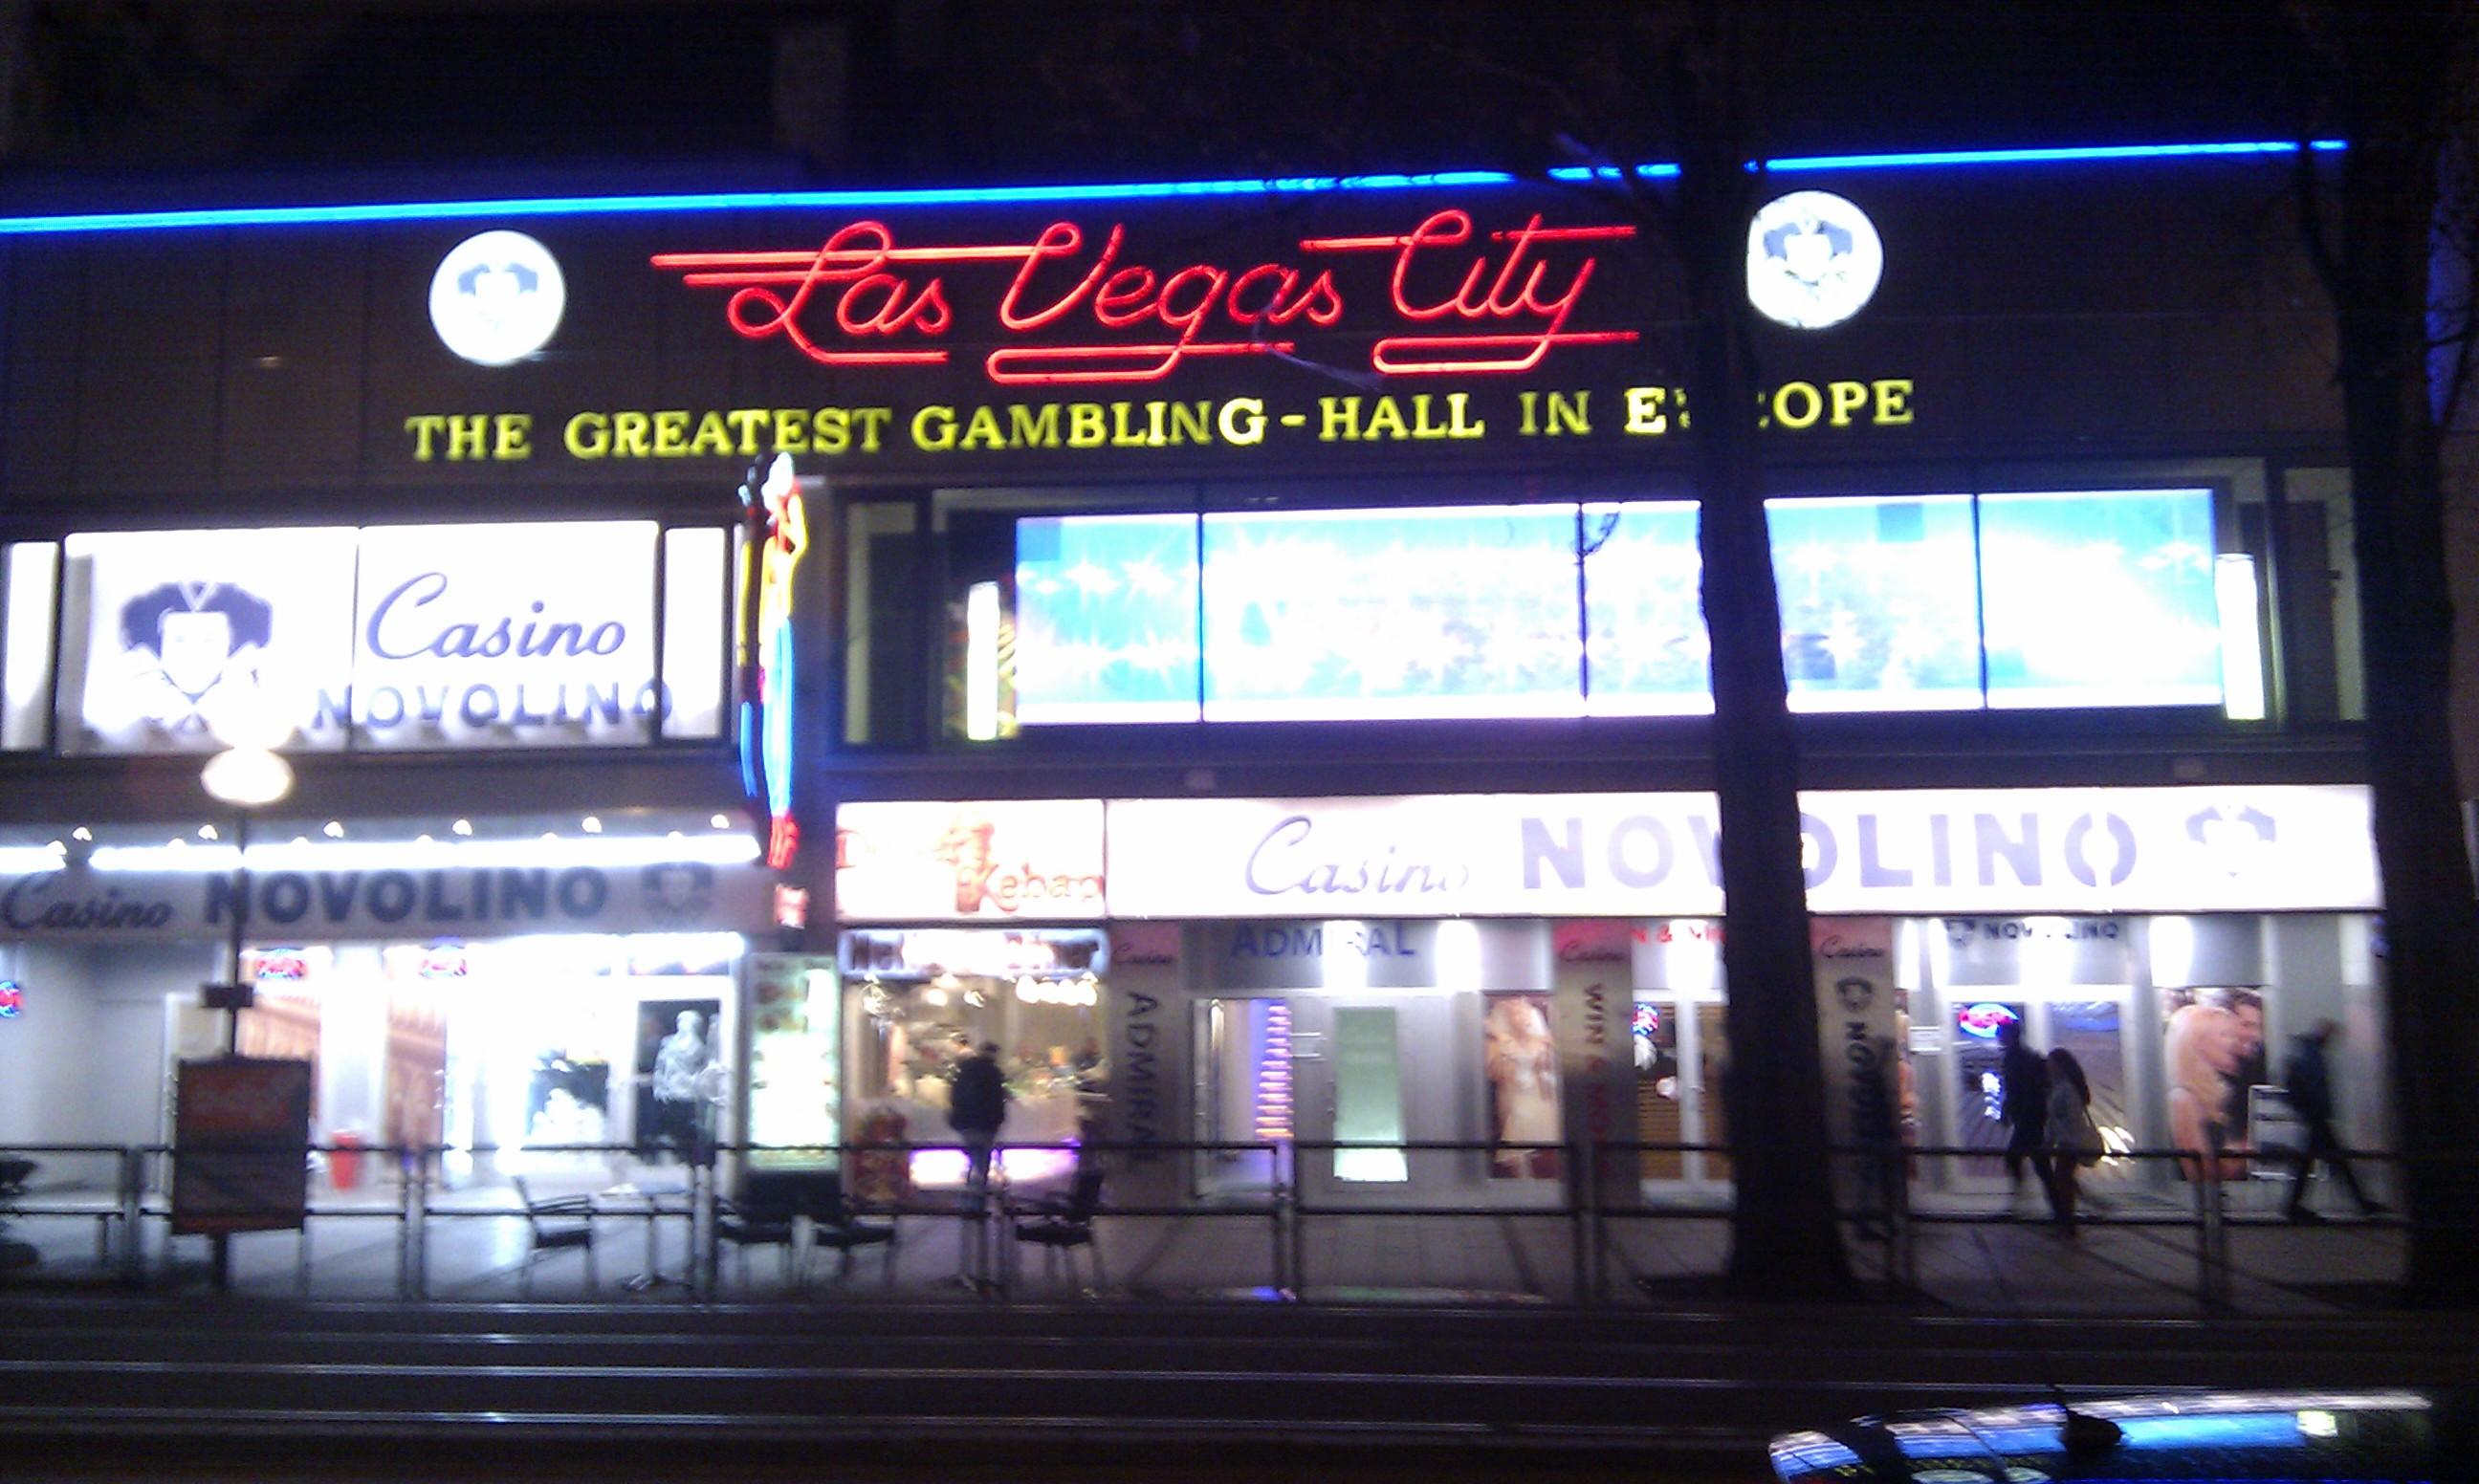 Las Vegas München